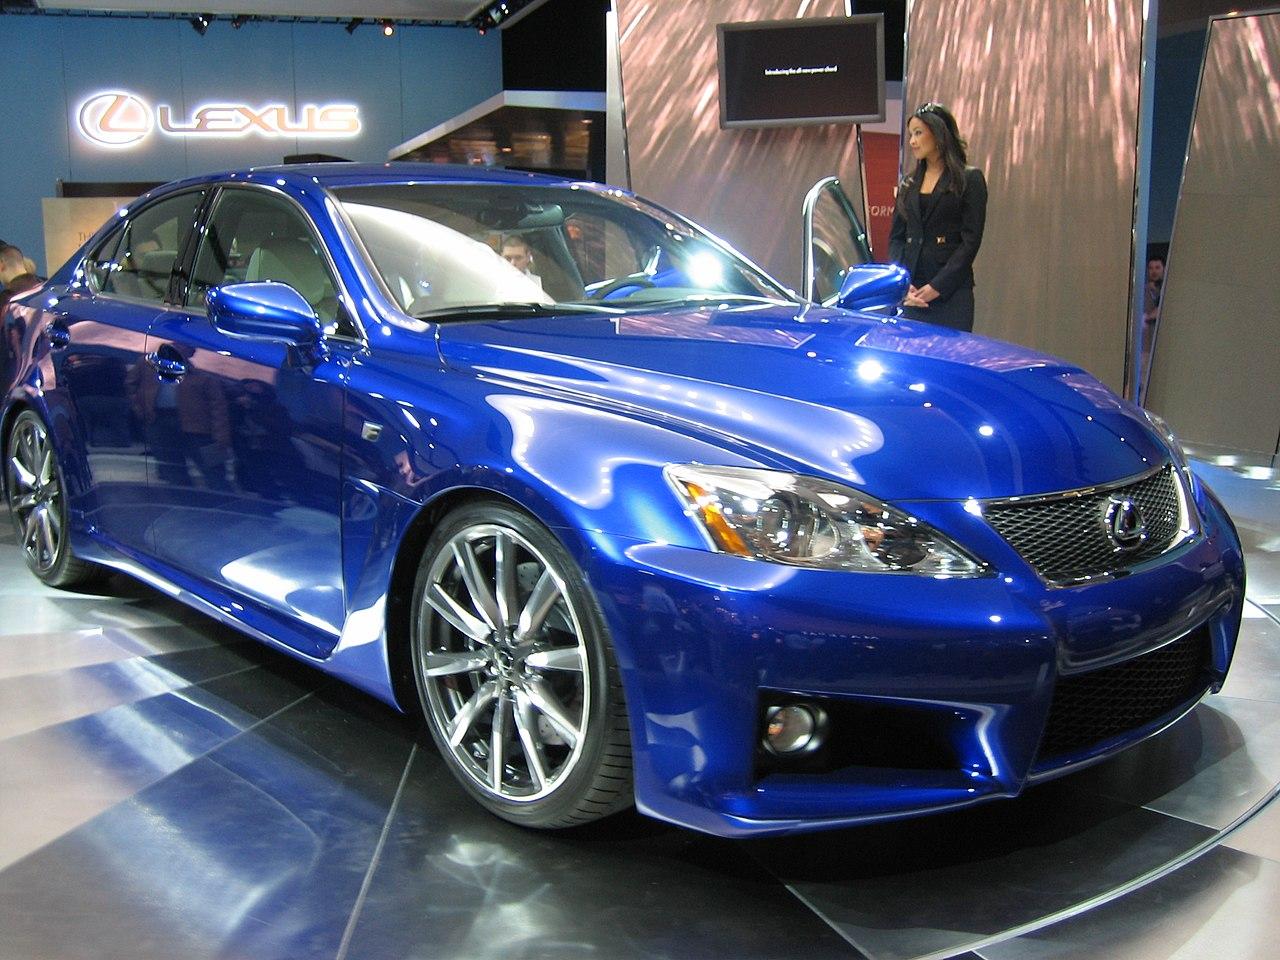 Iroc Z Wiki >> File:Lexus IS-F Ultrasonic Blue Metallic.jpg - Wikimedia Commons